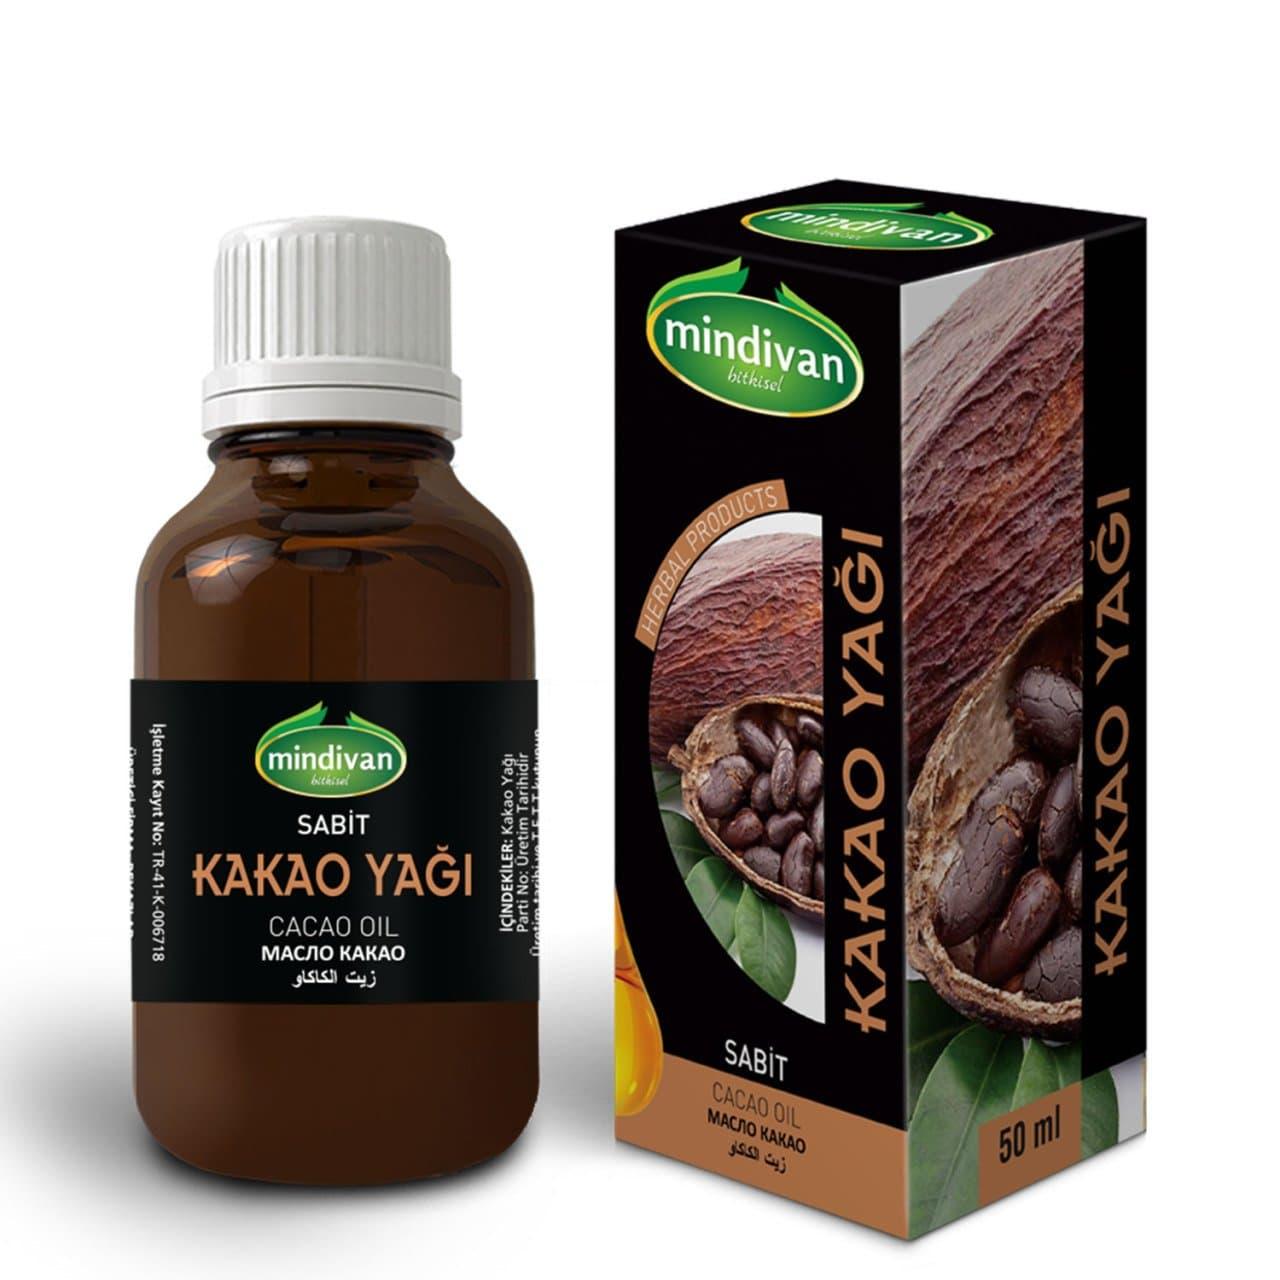 Mindivan Kakao Yağı 50 ml ürünü